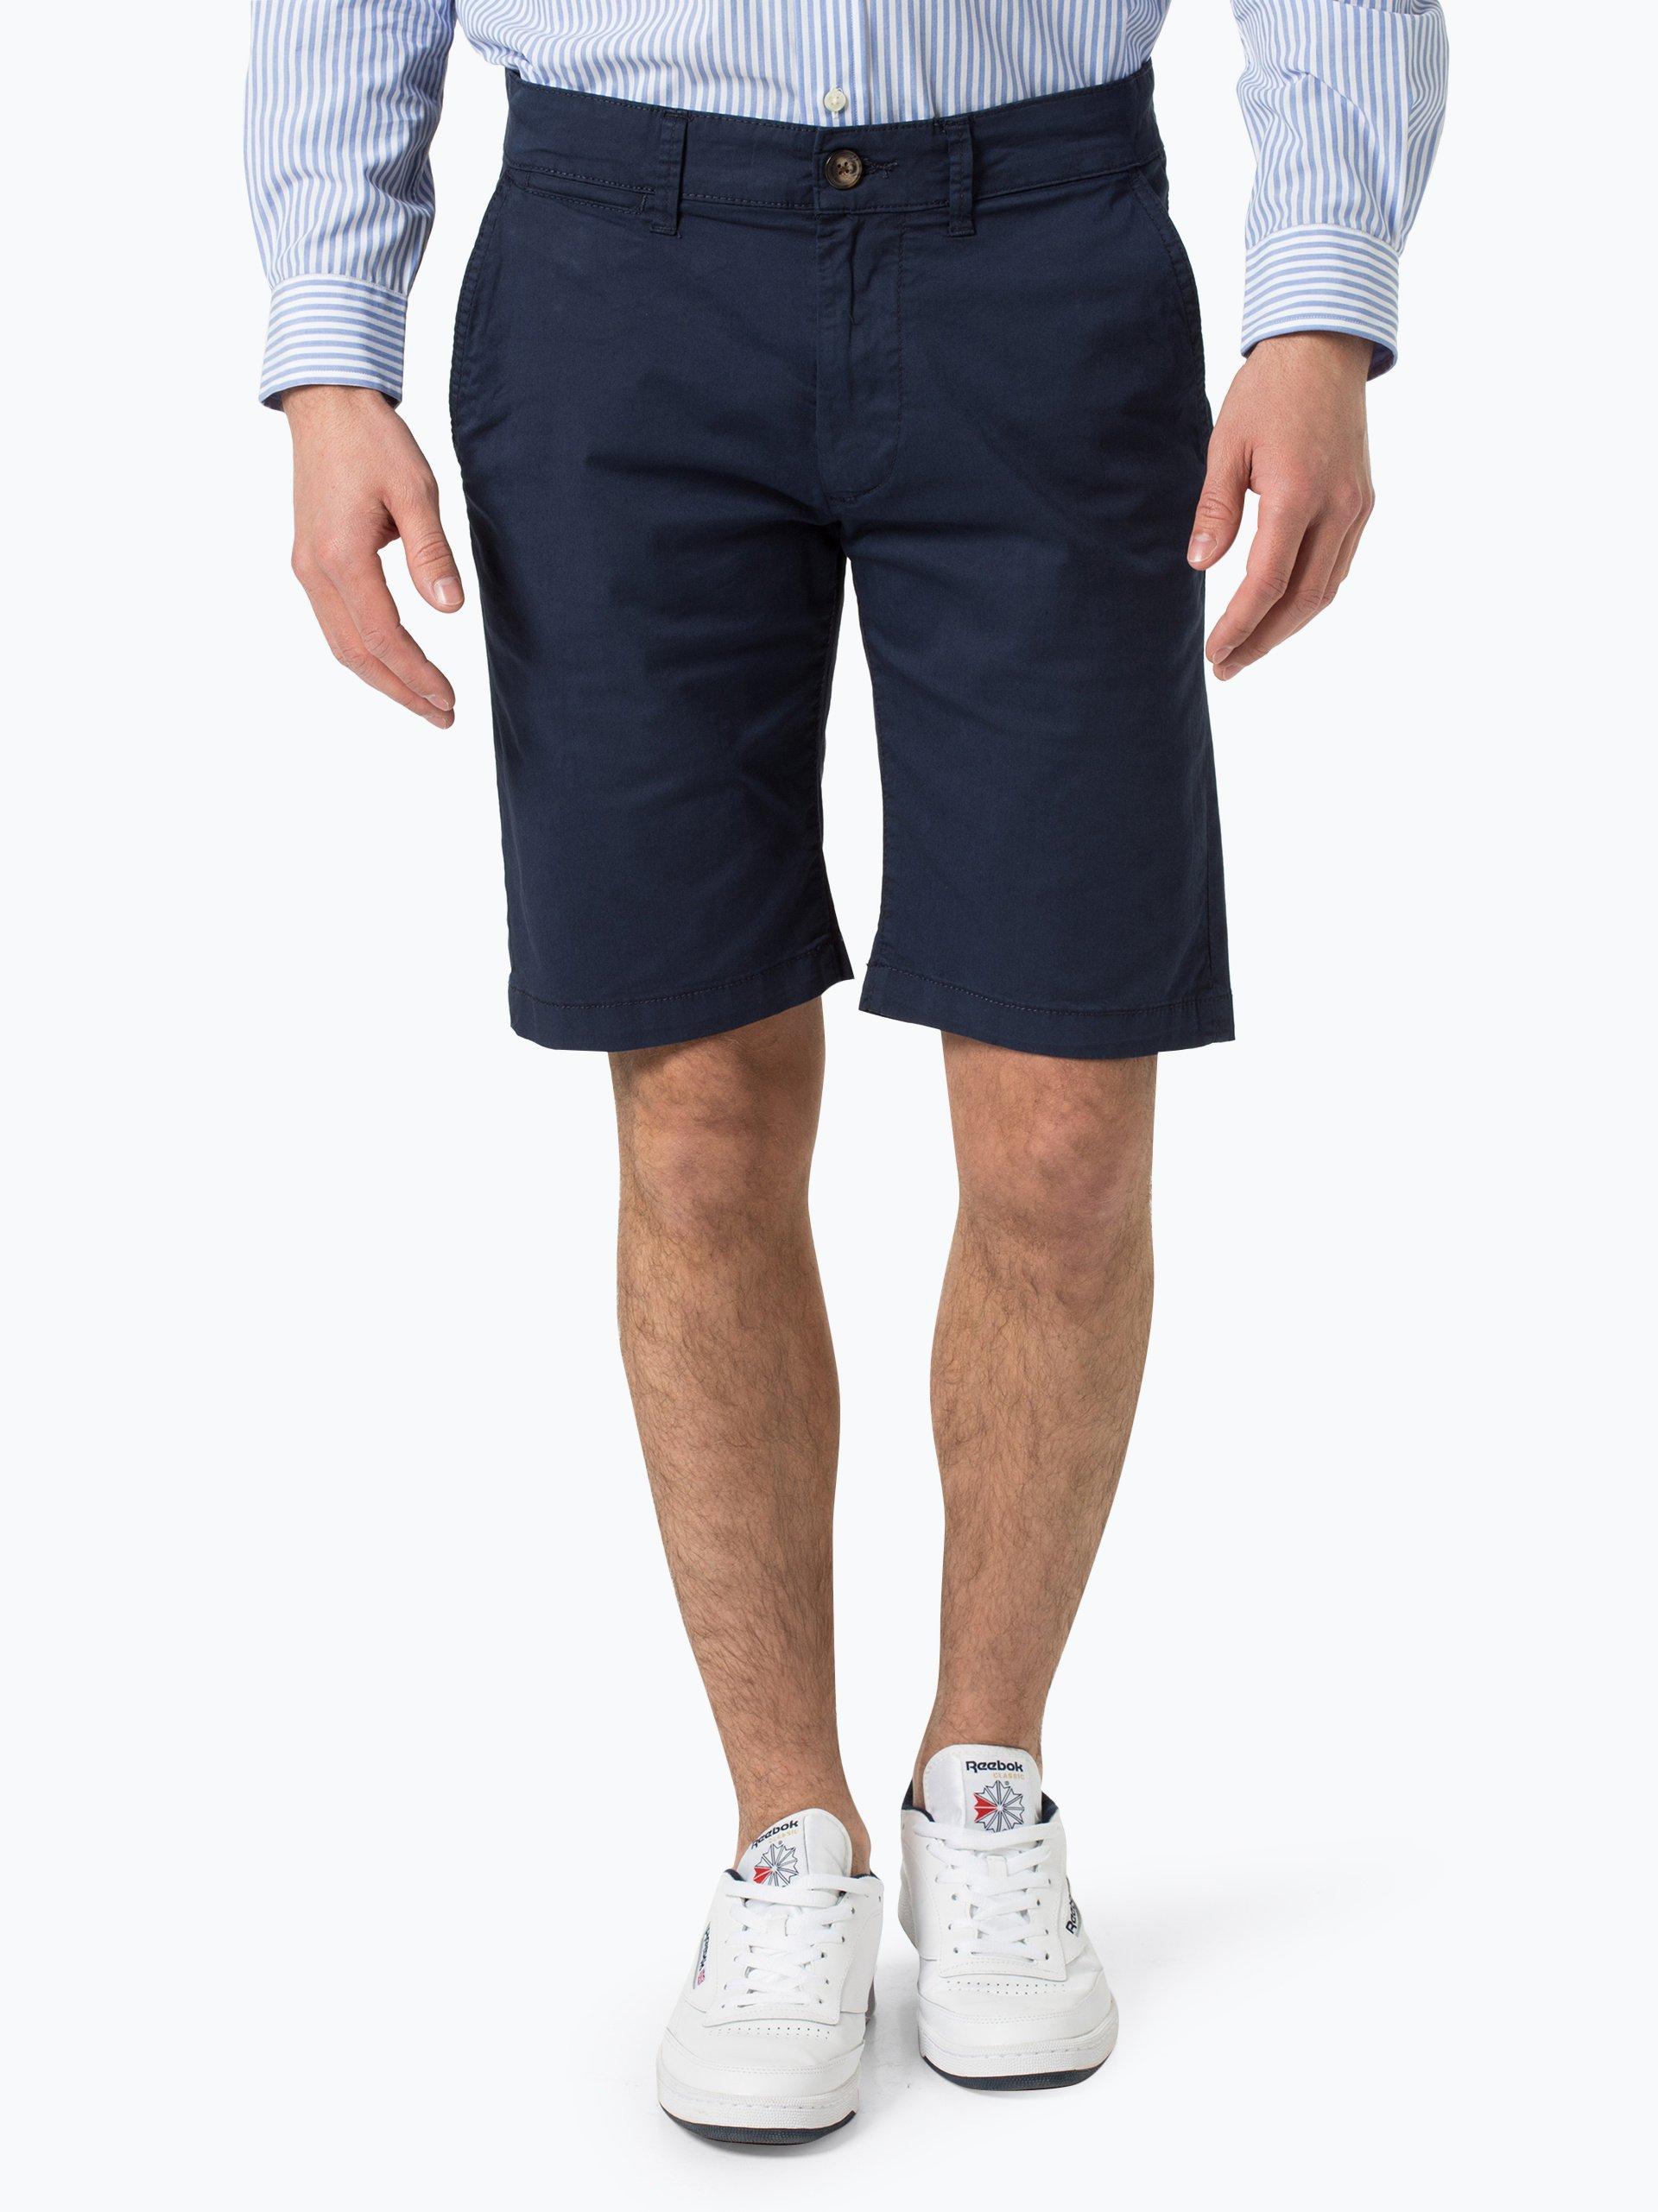 pepe jeans herren shorts mc queen marine uni online kaufen vangraaf com. Black Bedroom Furniture Sets. Home Design Ideas